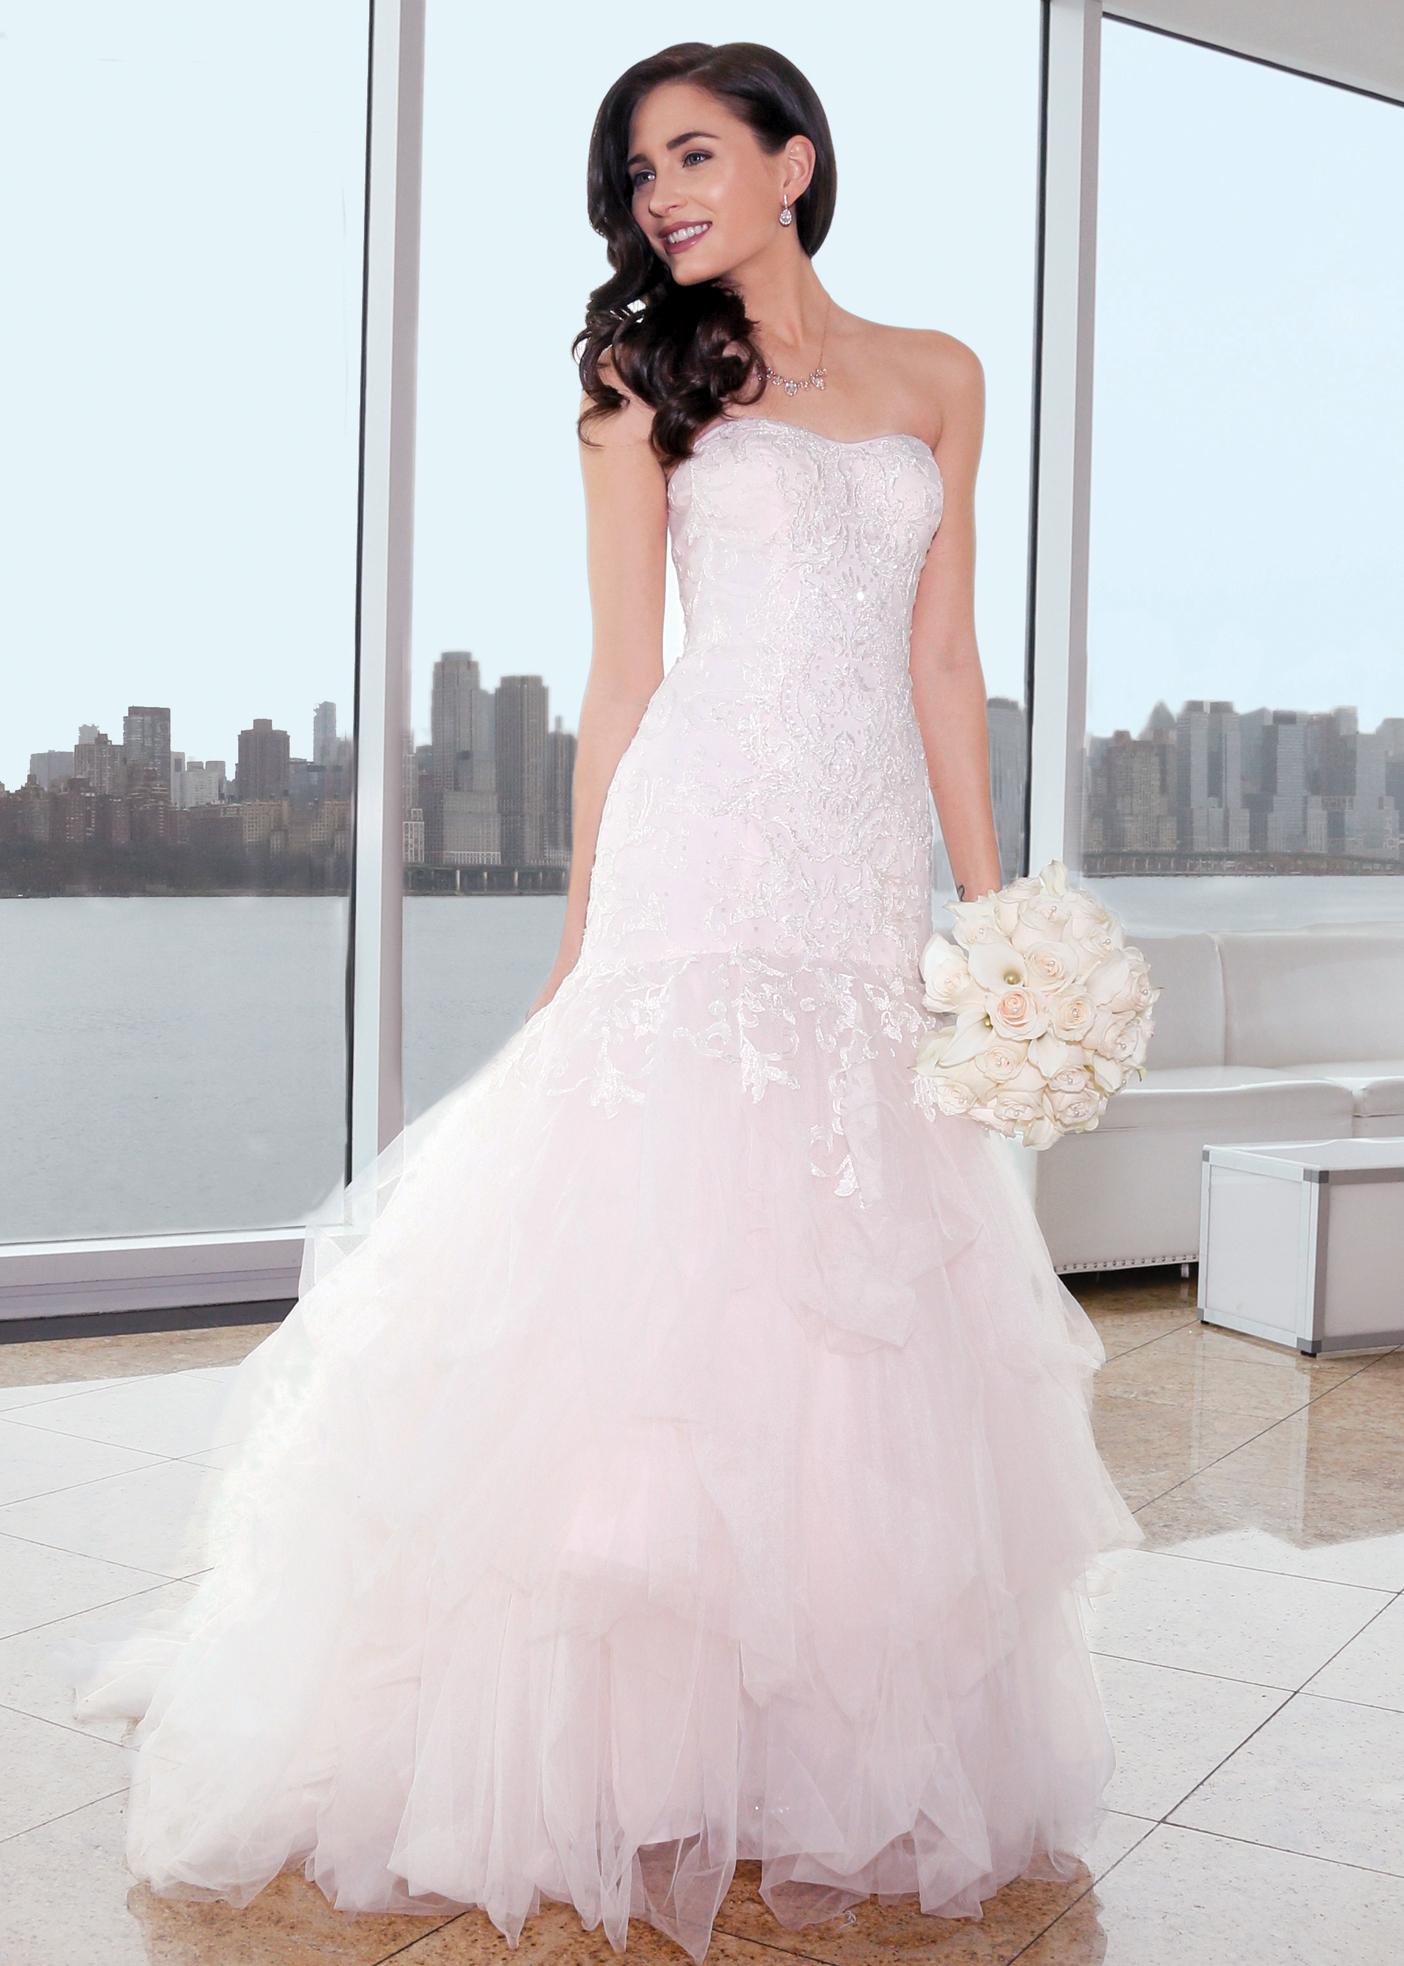 b8c3f4826ac Blush Trumpet Bridal Wedding Gown by Oleg Cassini NY